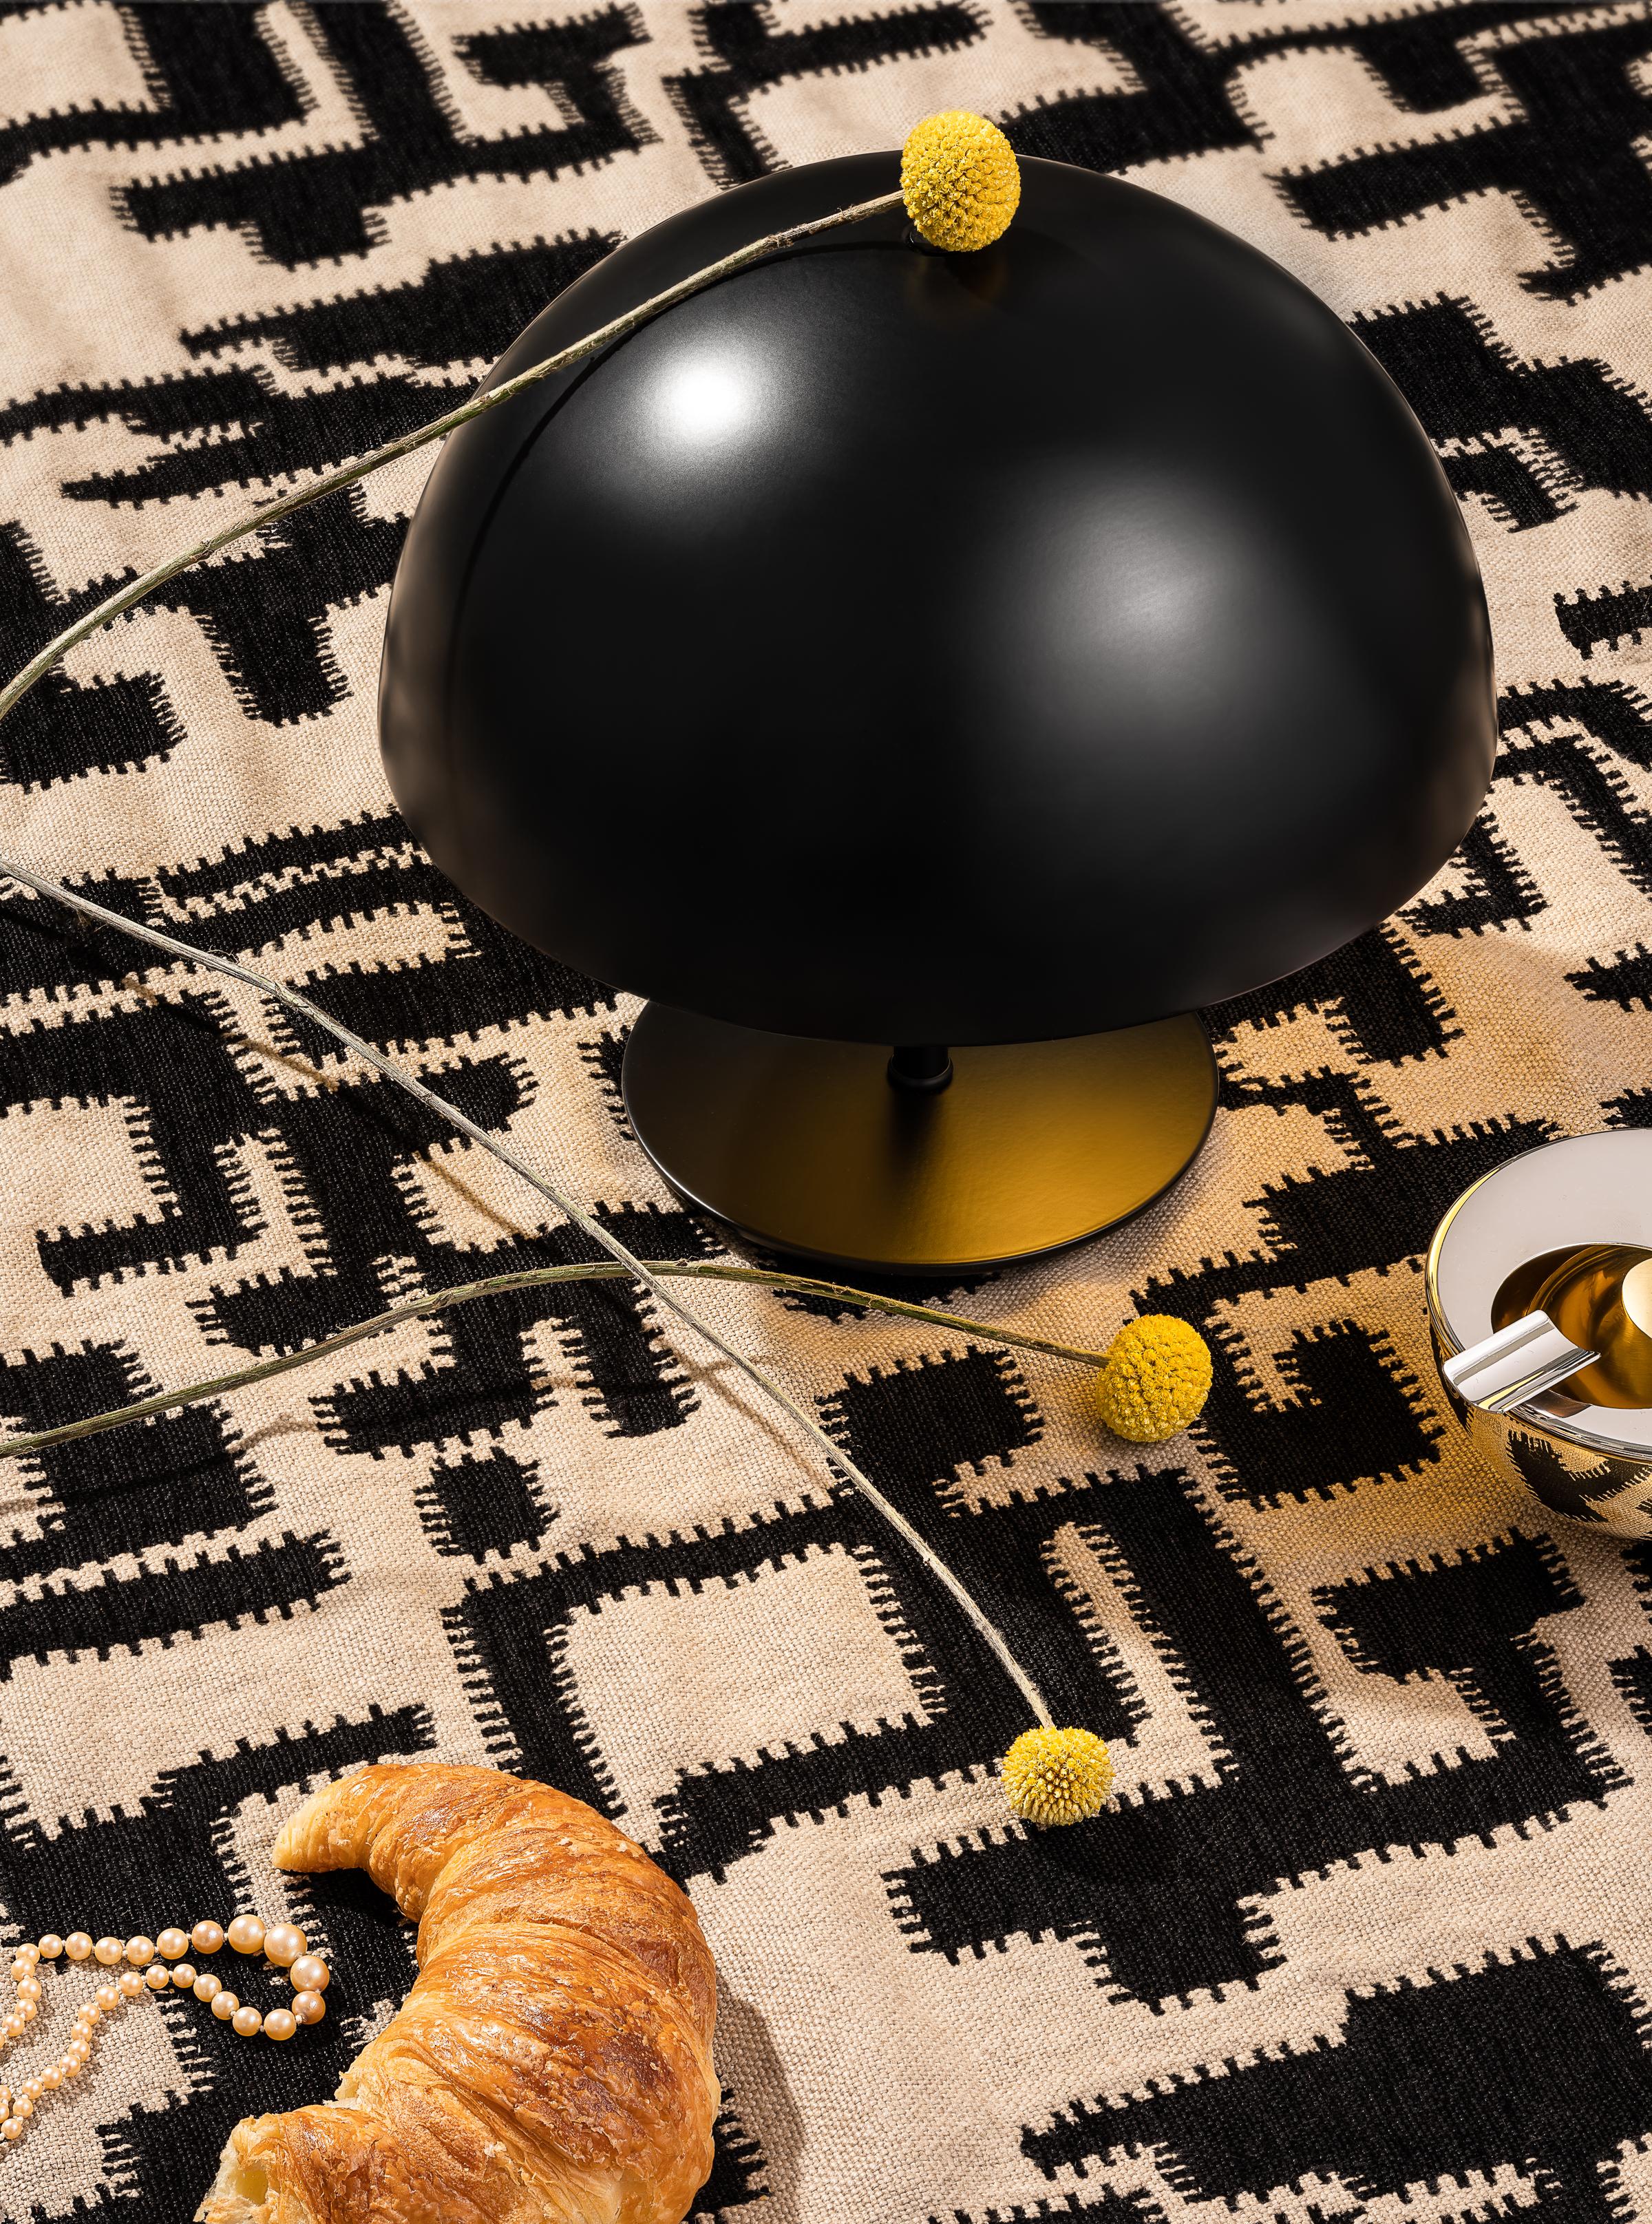 """IN EINKLANG     Boden bedeckt mit Bezugsstoff """"Delfi"""" C&C Milano Tischleuchte """"Baby Dome"""" Mater Aschenbecher, designt von Marianne Brandt, Alessi"""